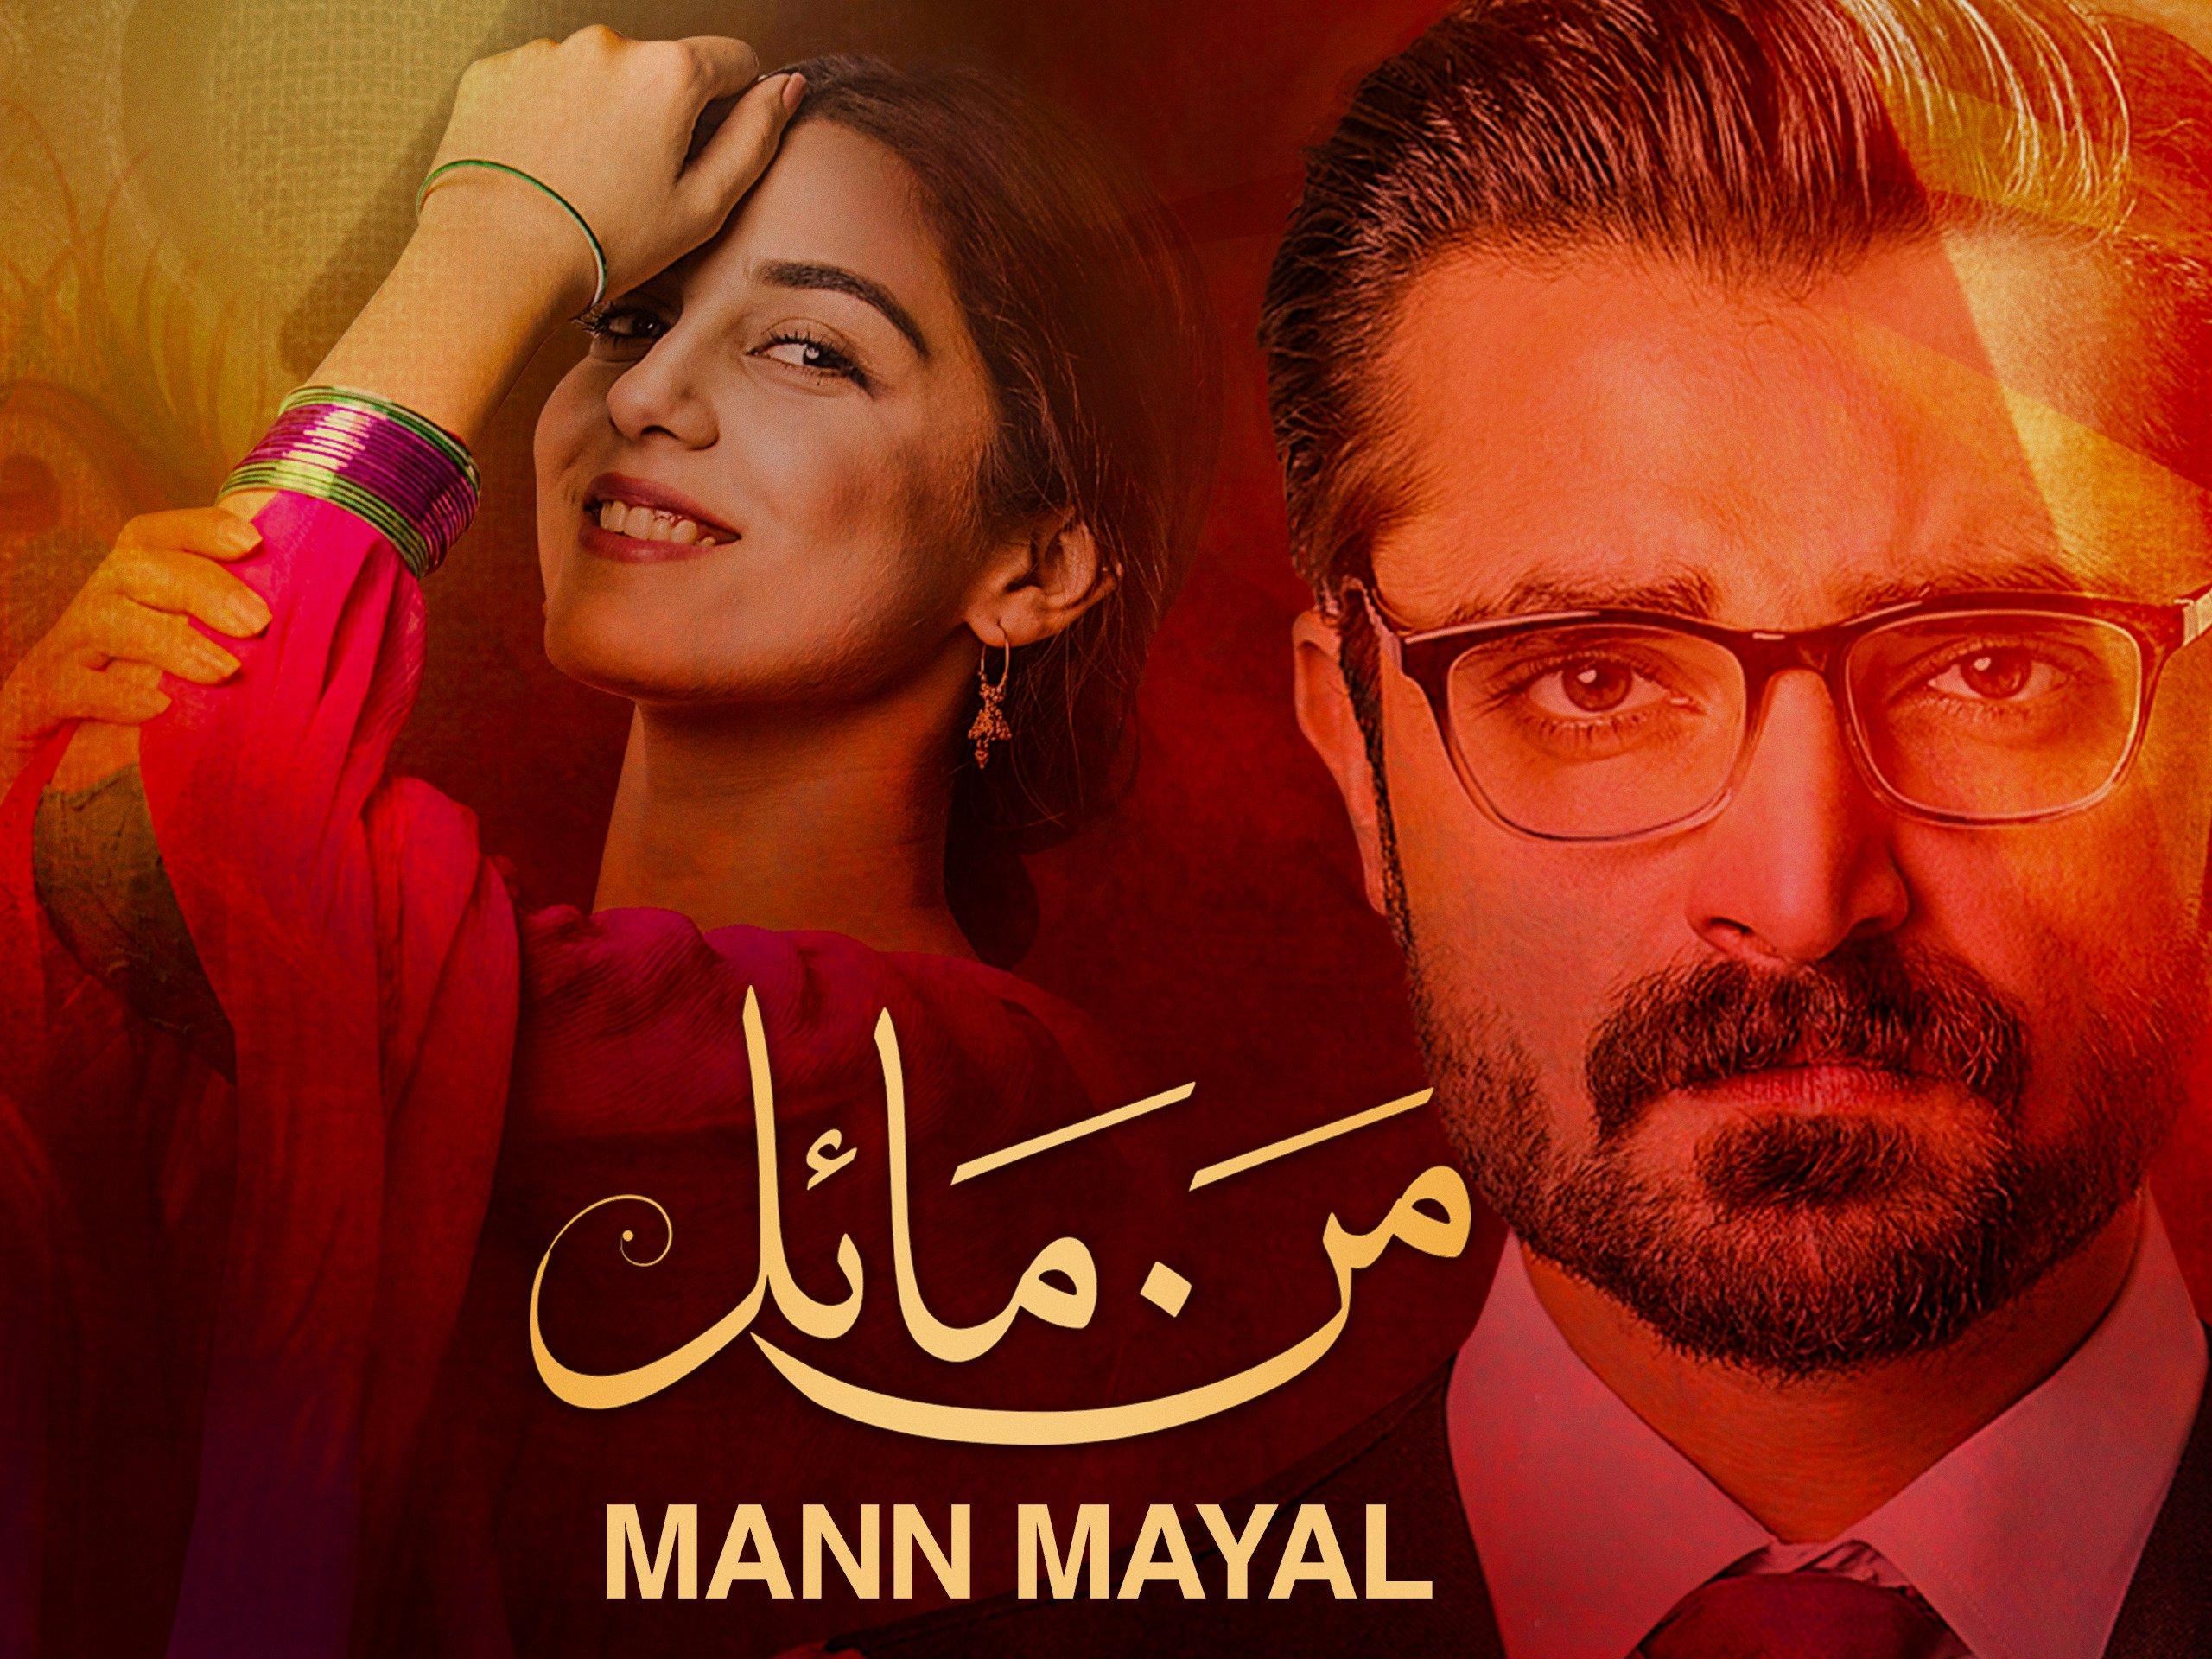 man mayal episode 21 full episode